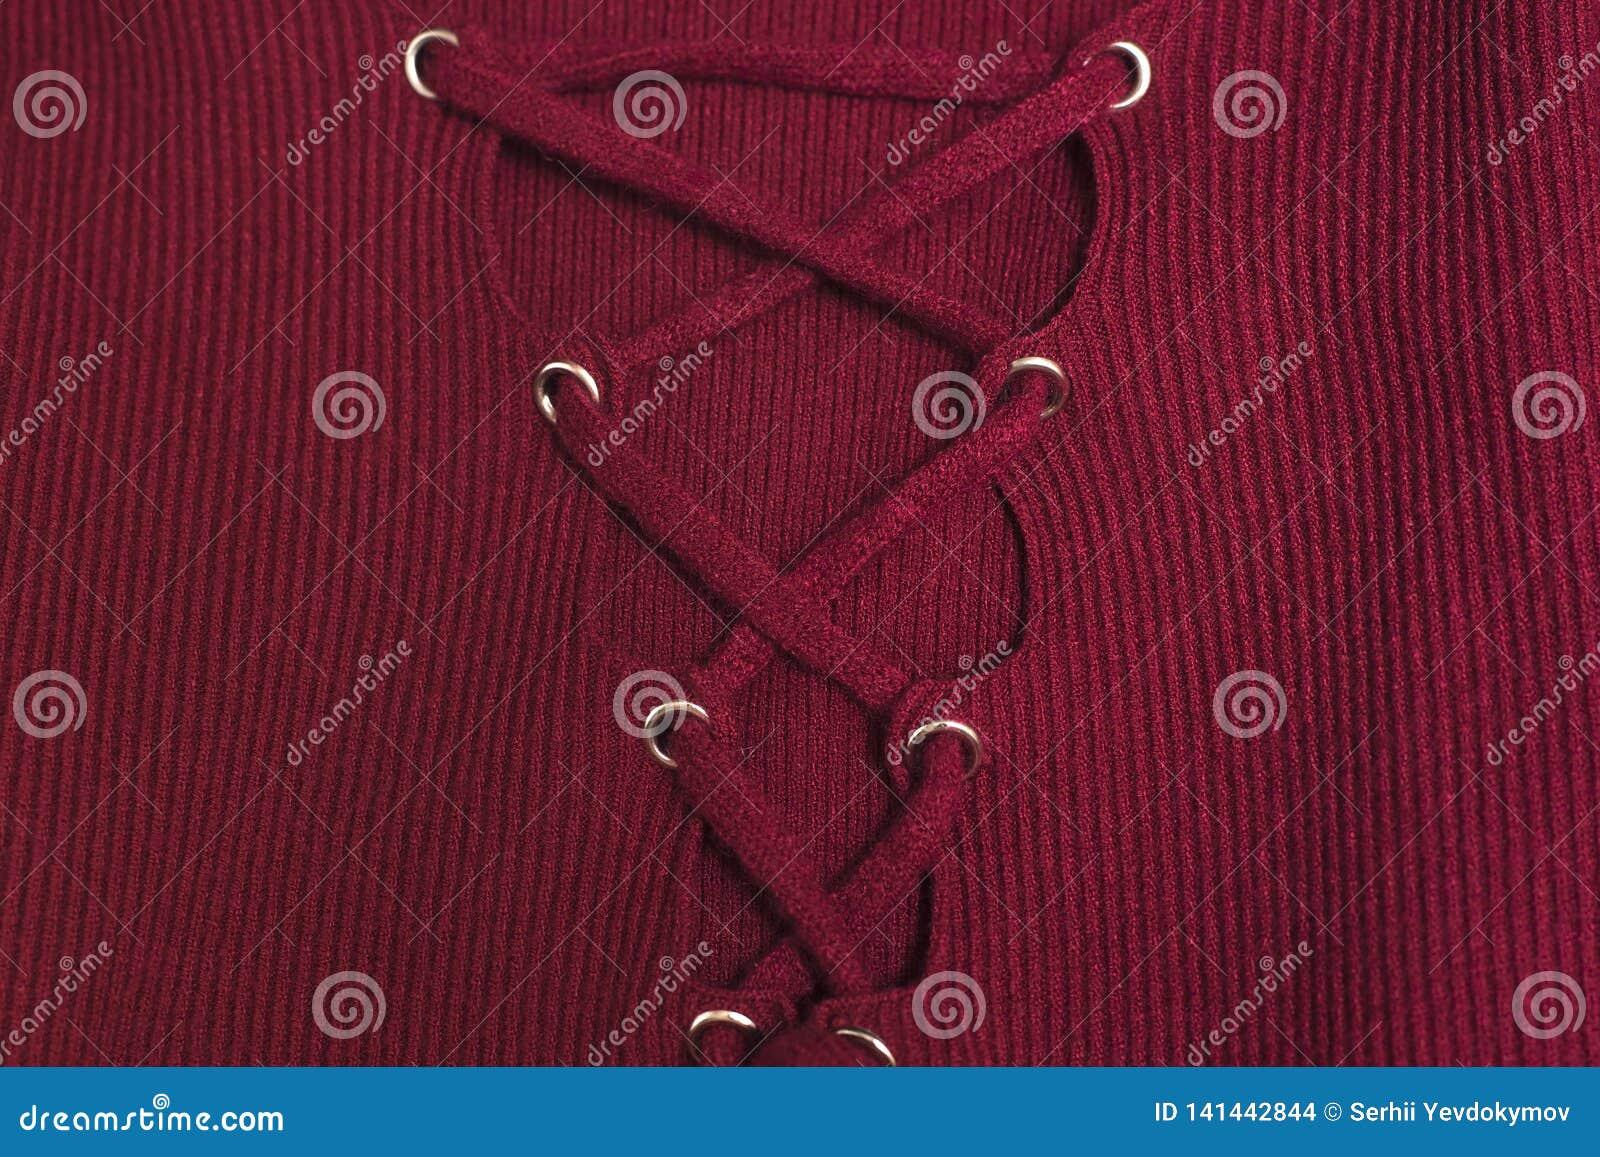 Laçage sur les vêtements tricotés Chandail rouge, texture en gros plan